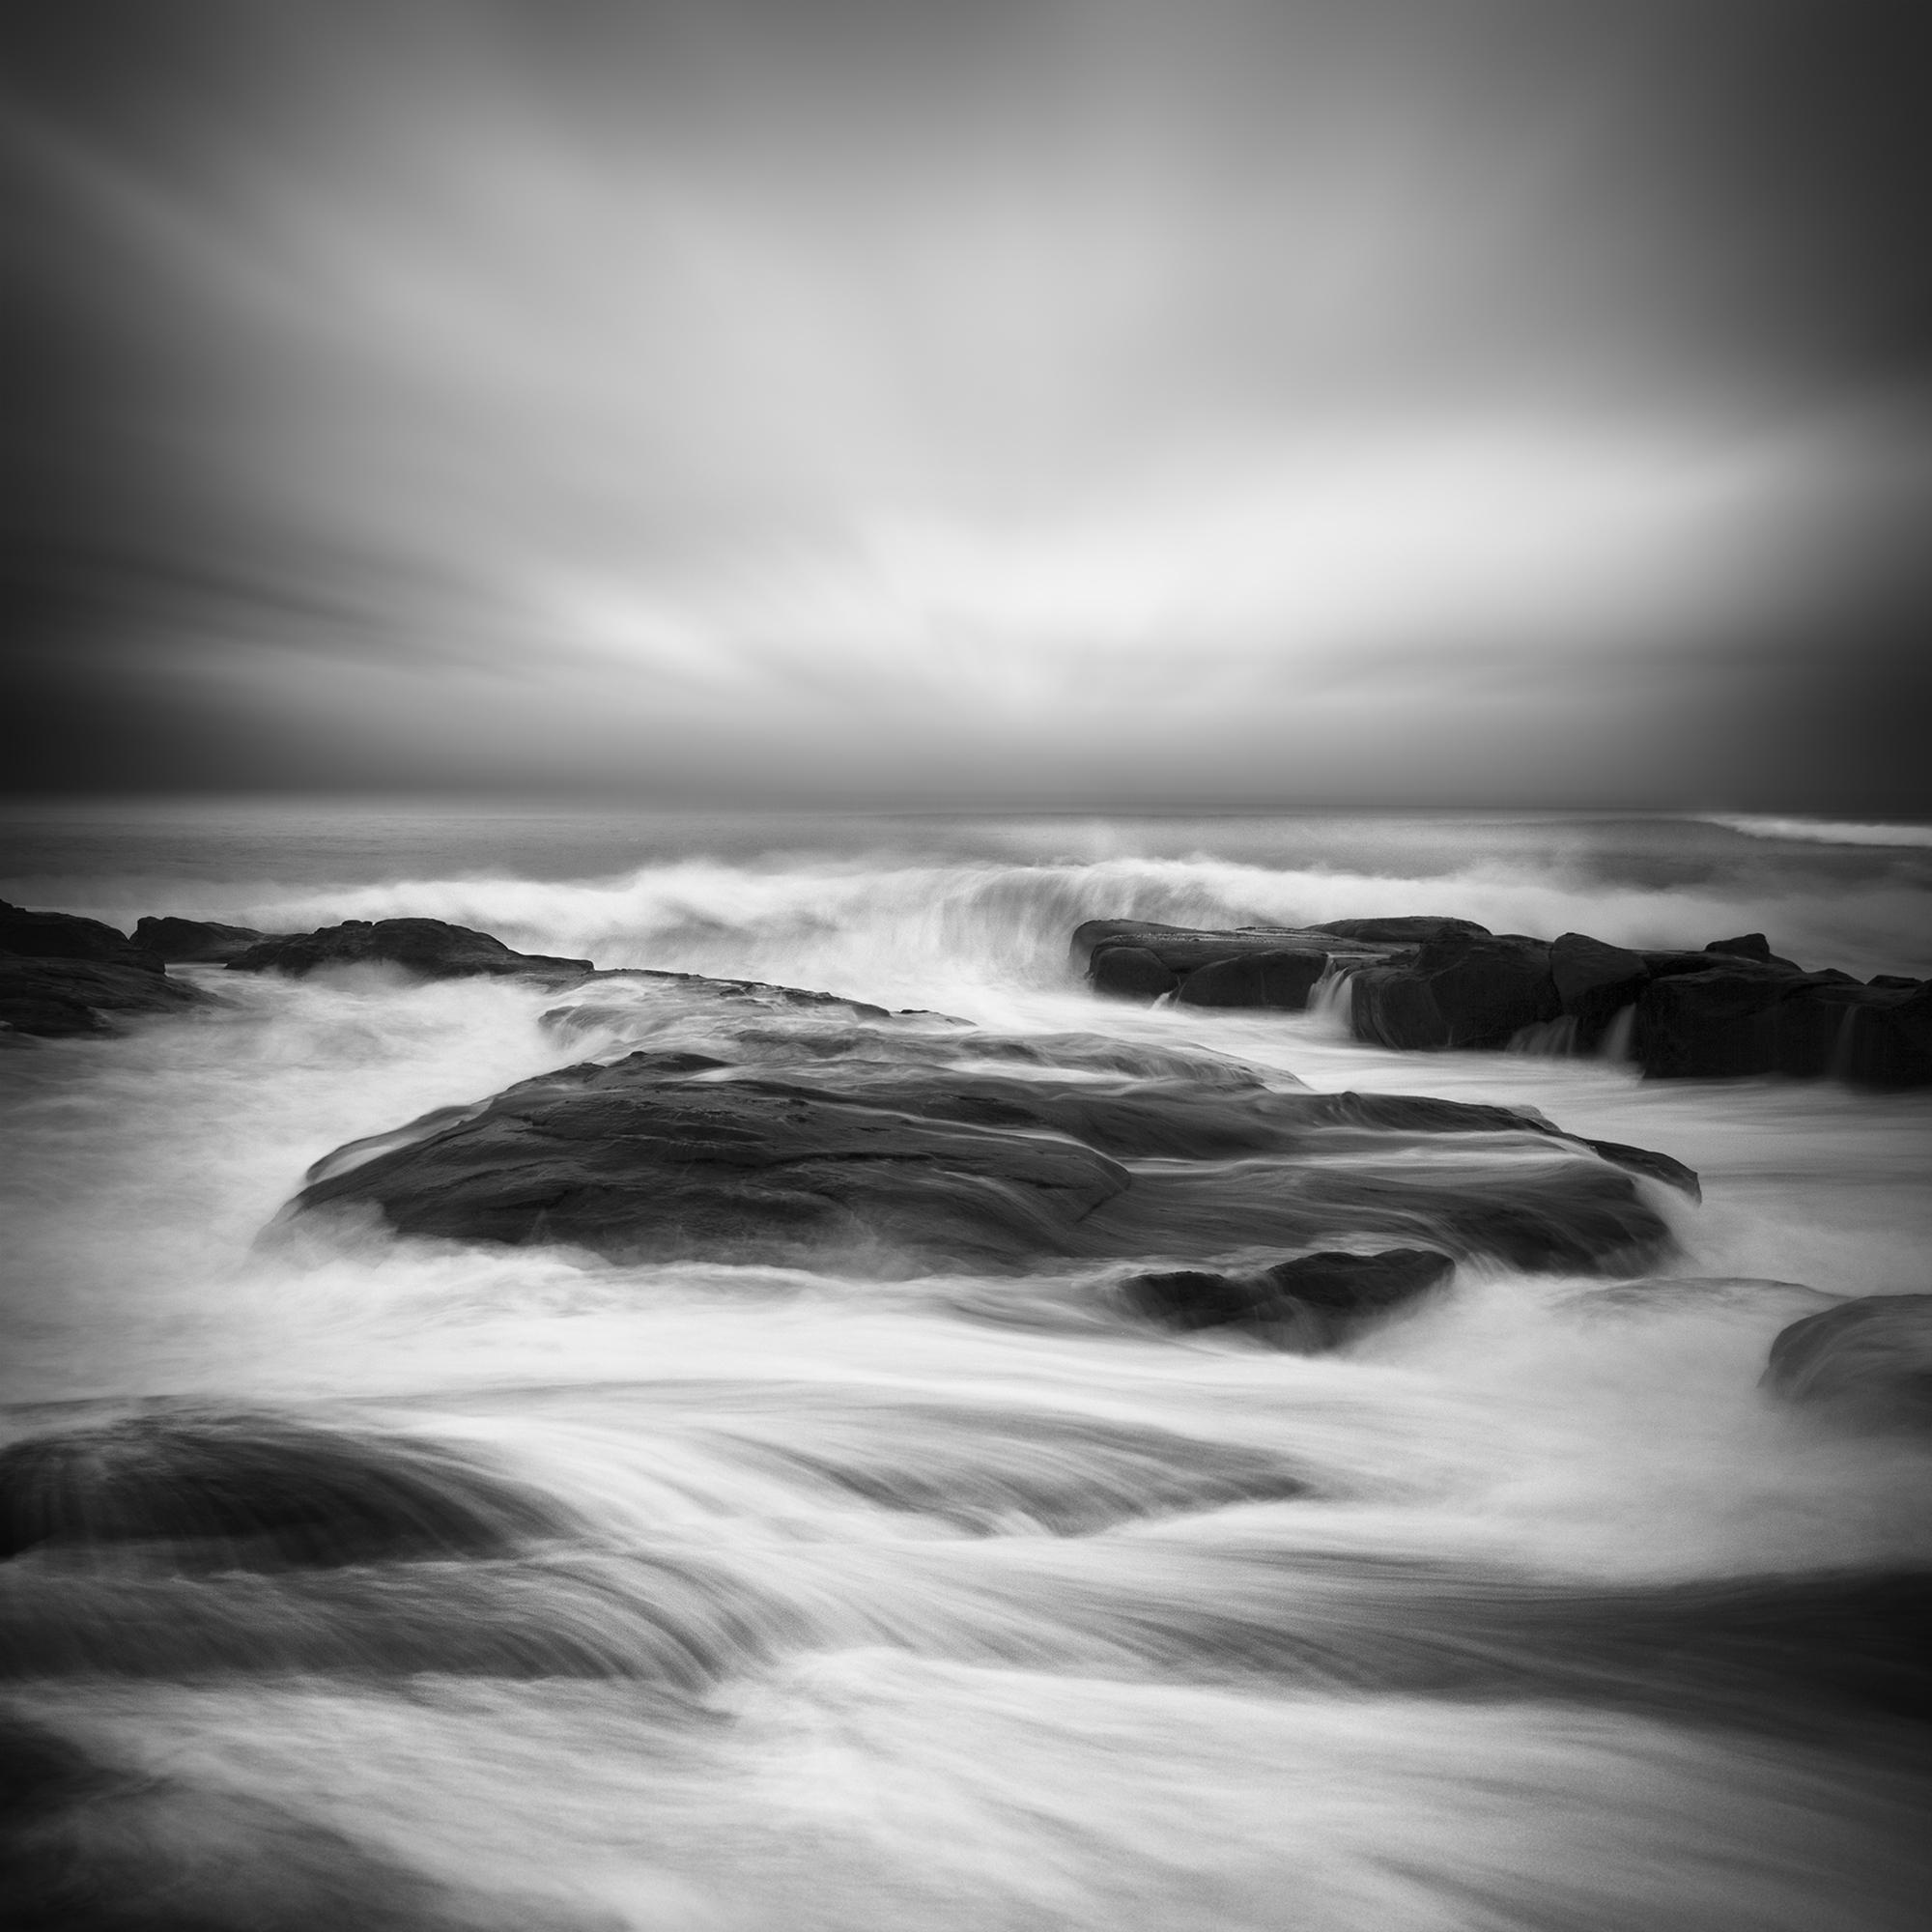 Flowing Waves